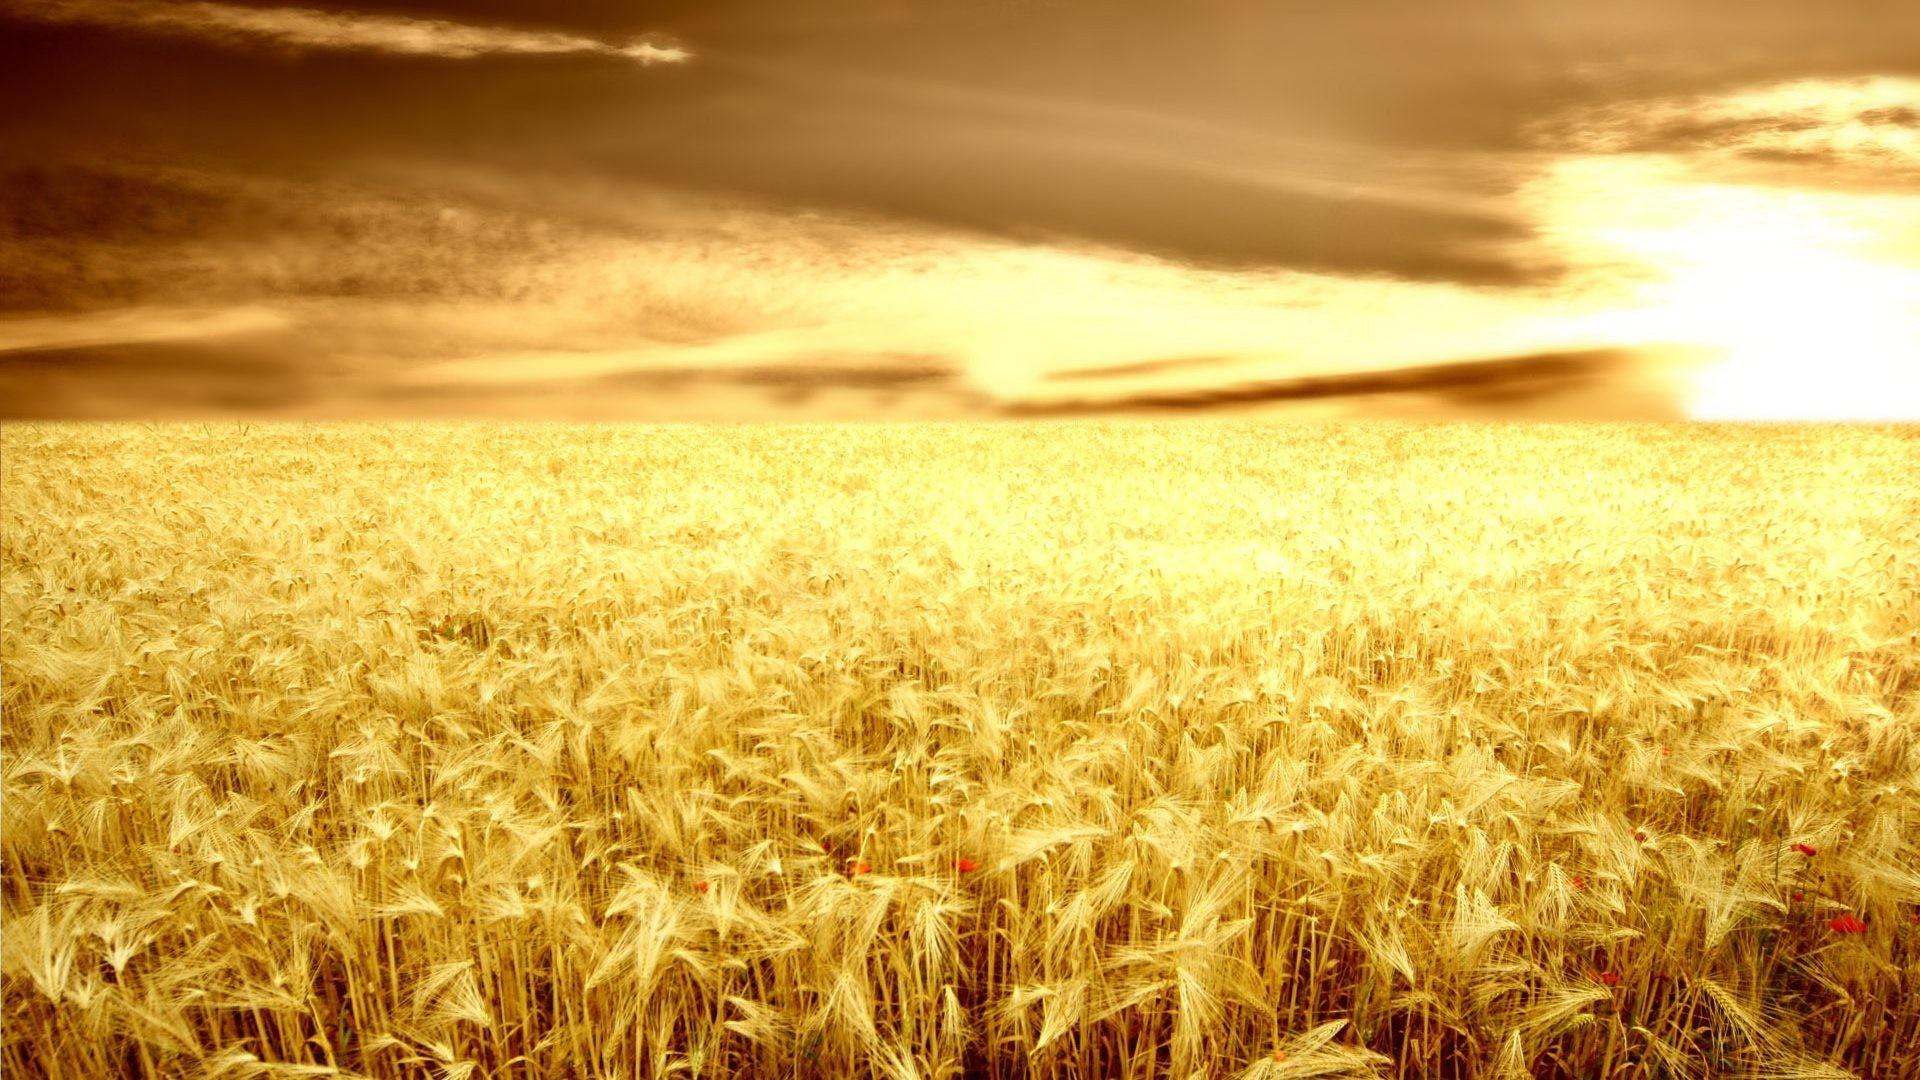 Sanset Farm Ears Cultivation Grain Desktop Background Images – 1920×1200